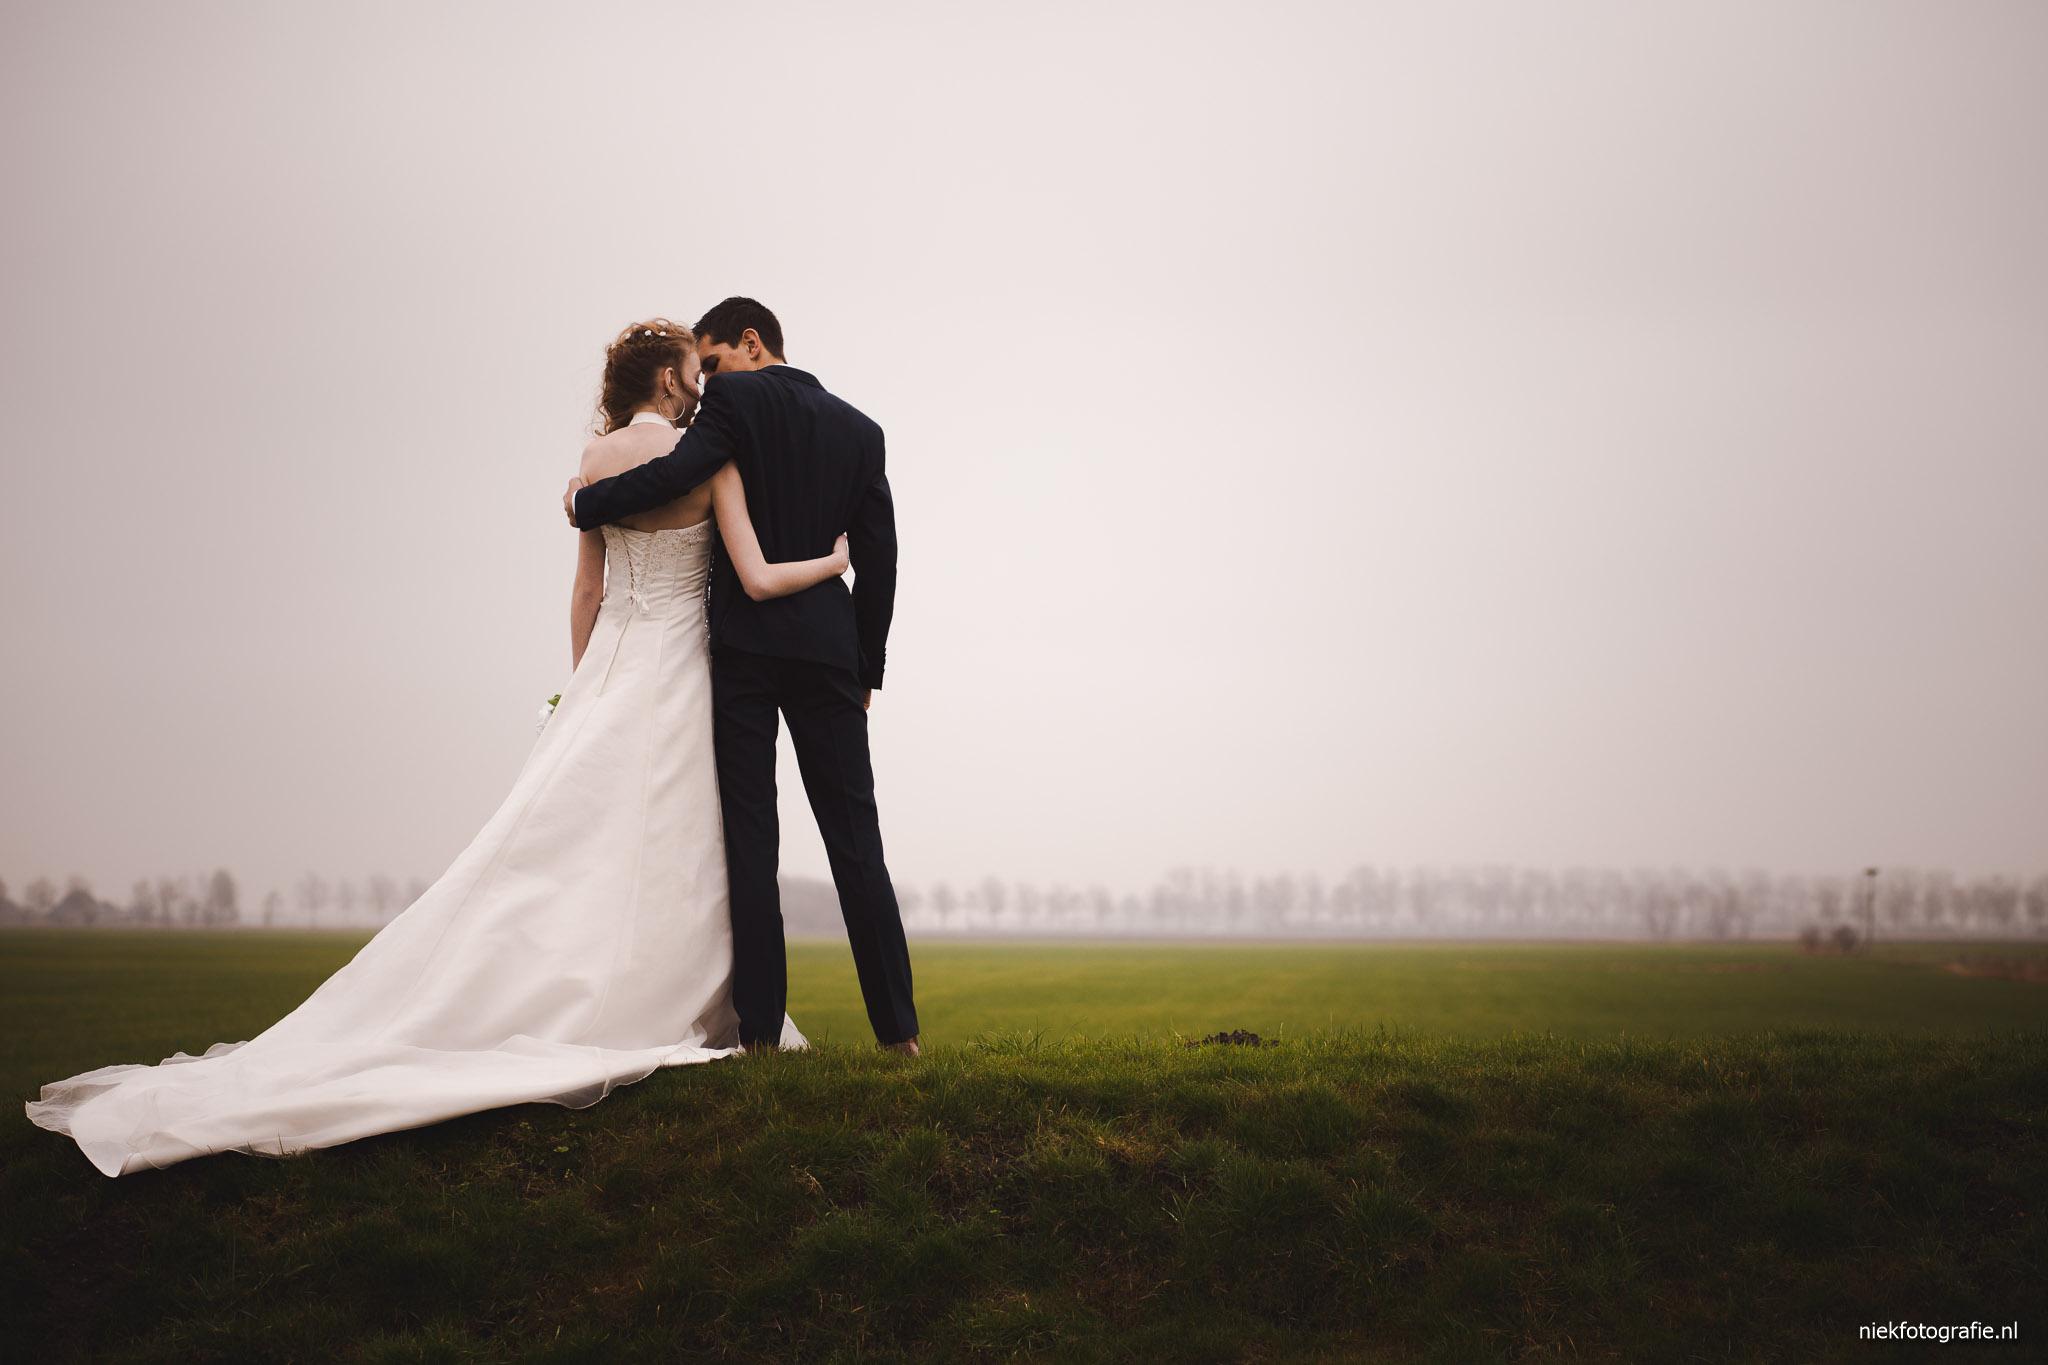 trouwreportage albertsmaheert noorwolde groningen bruid en bruidegom samen